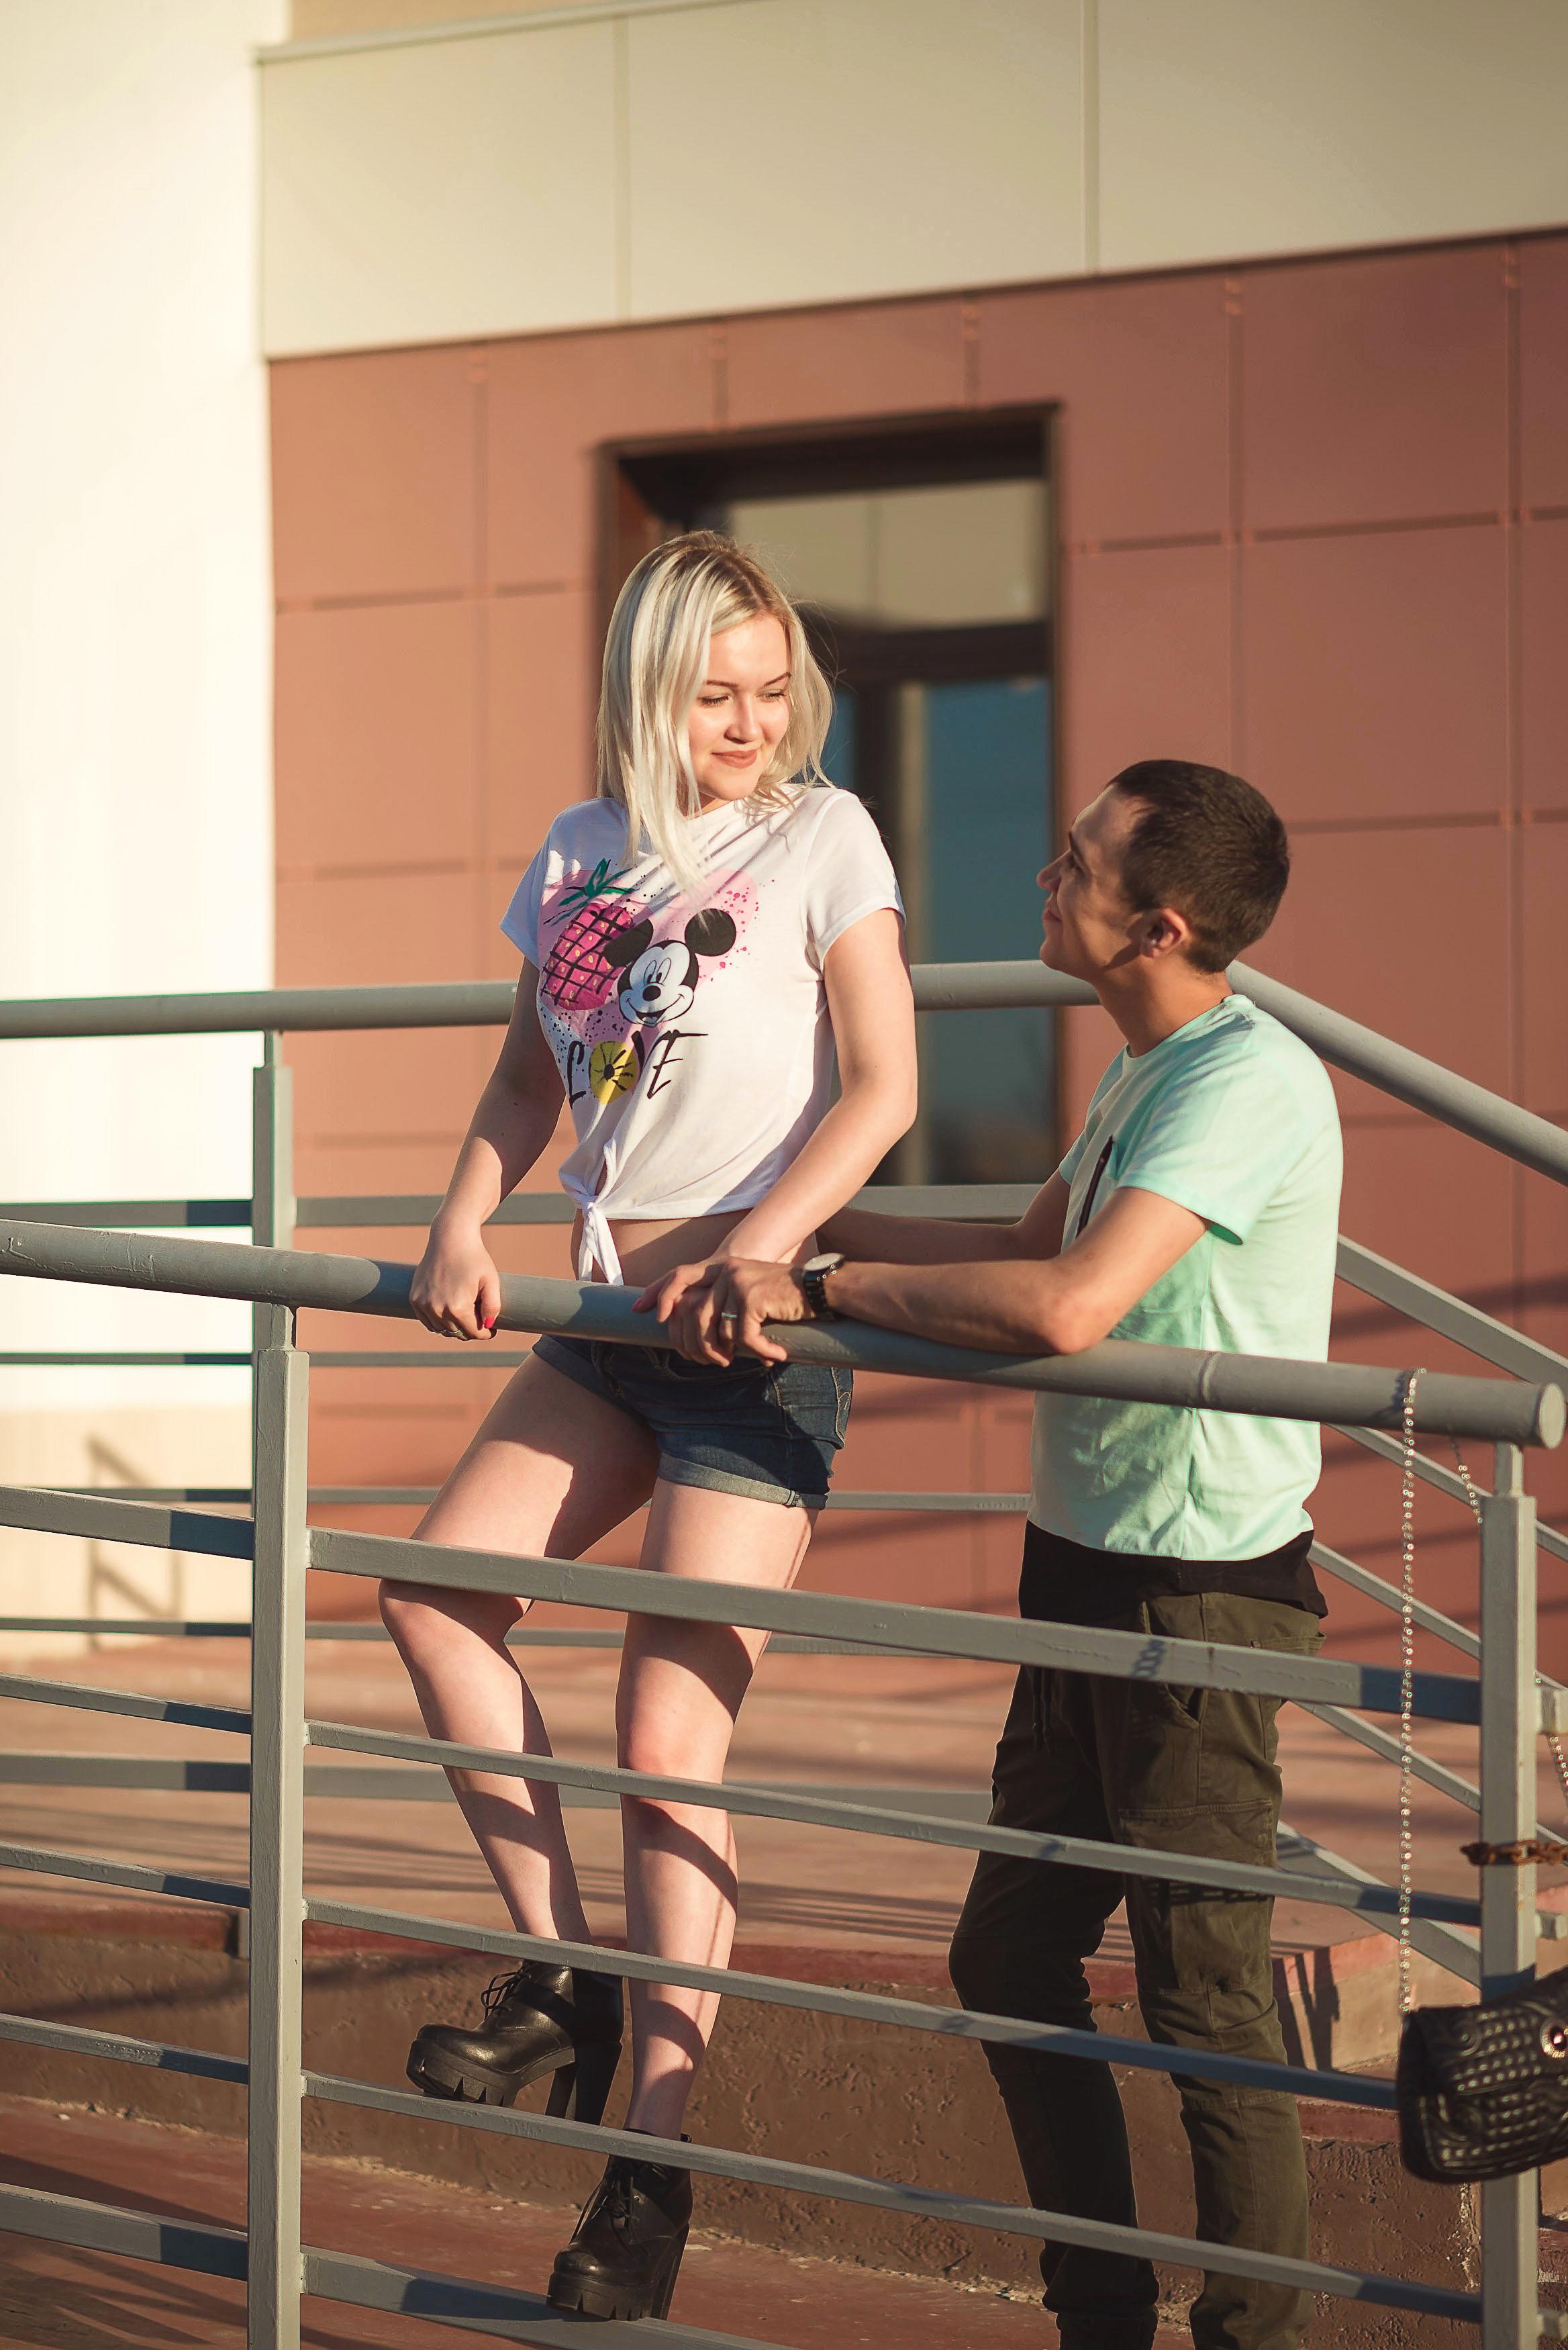 Фотосессия Лав стори в Стерлитамак пара, влюбленные в Стерлитамаке у Сити-Молла